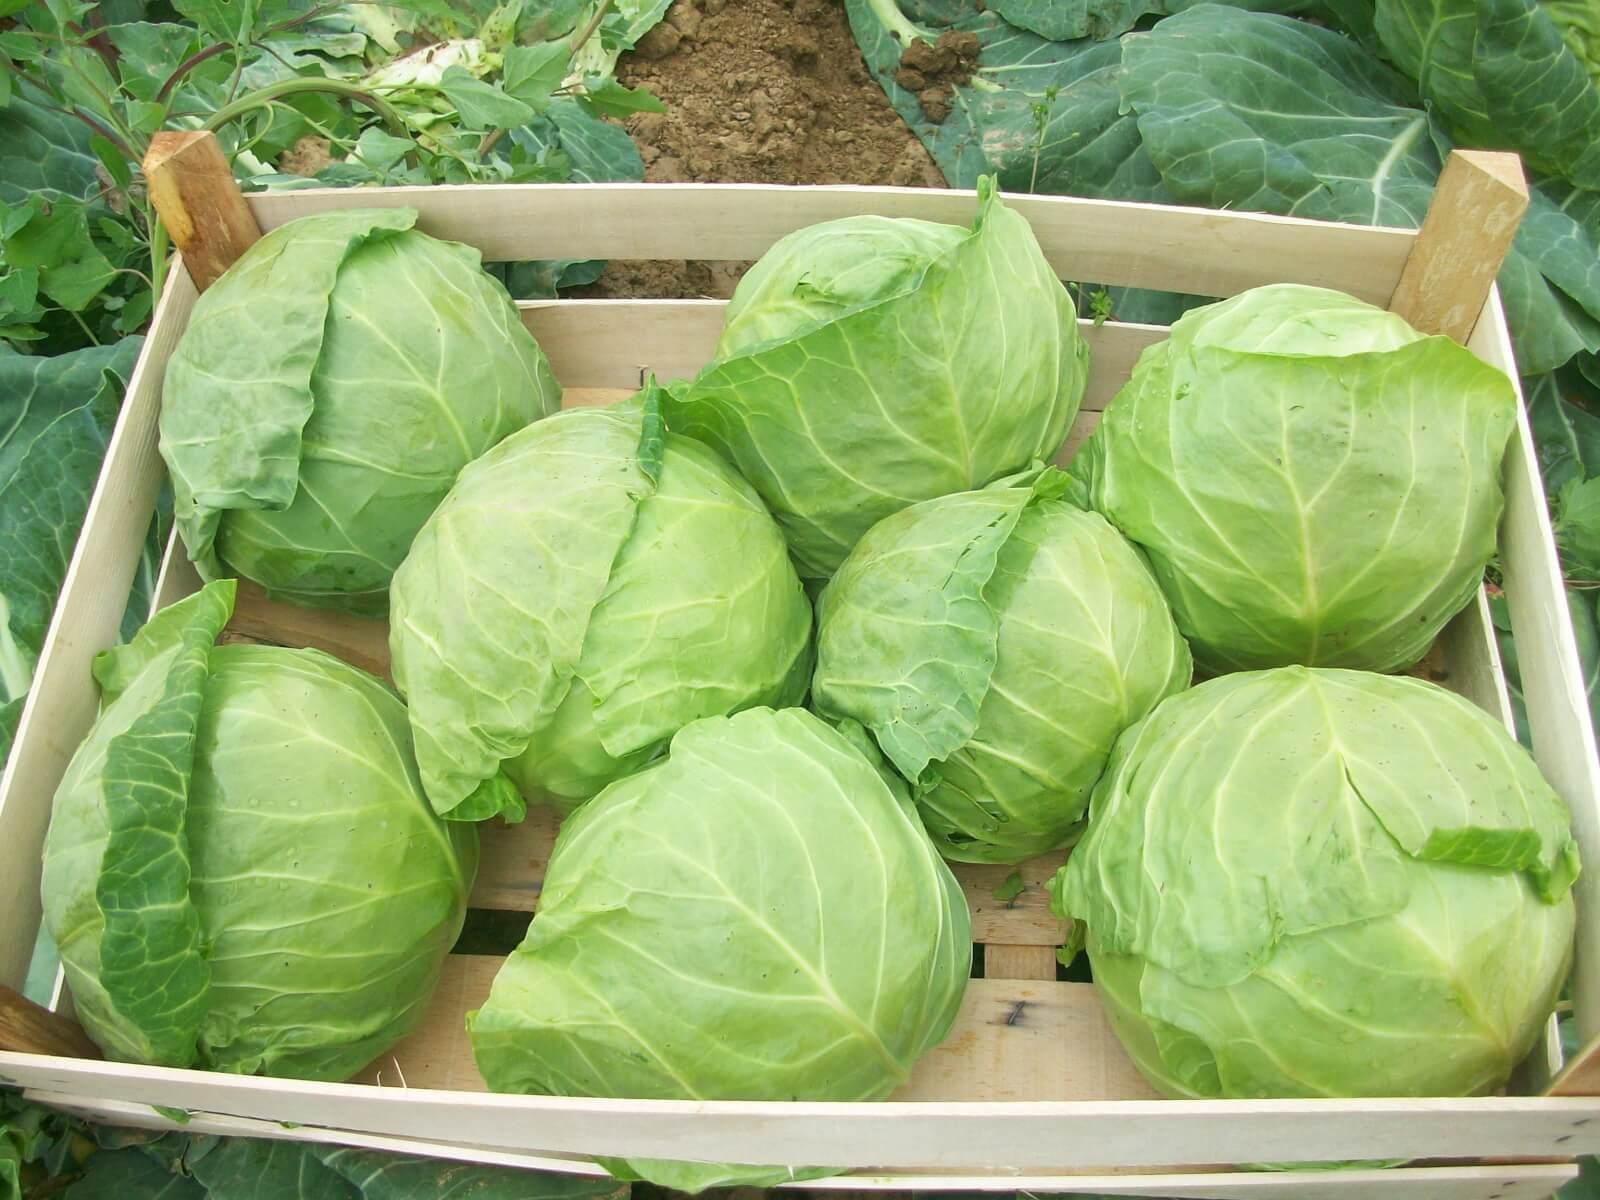 Капуста: как хранить в квартире, сортировать и подготовить плоды